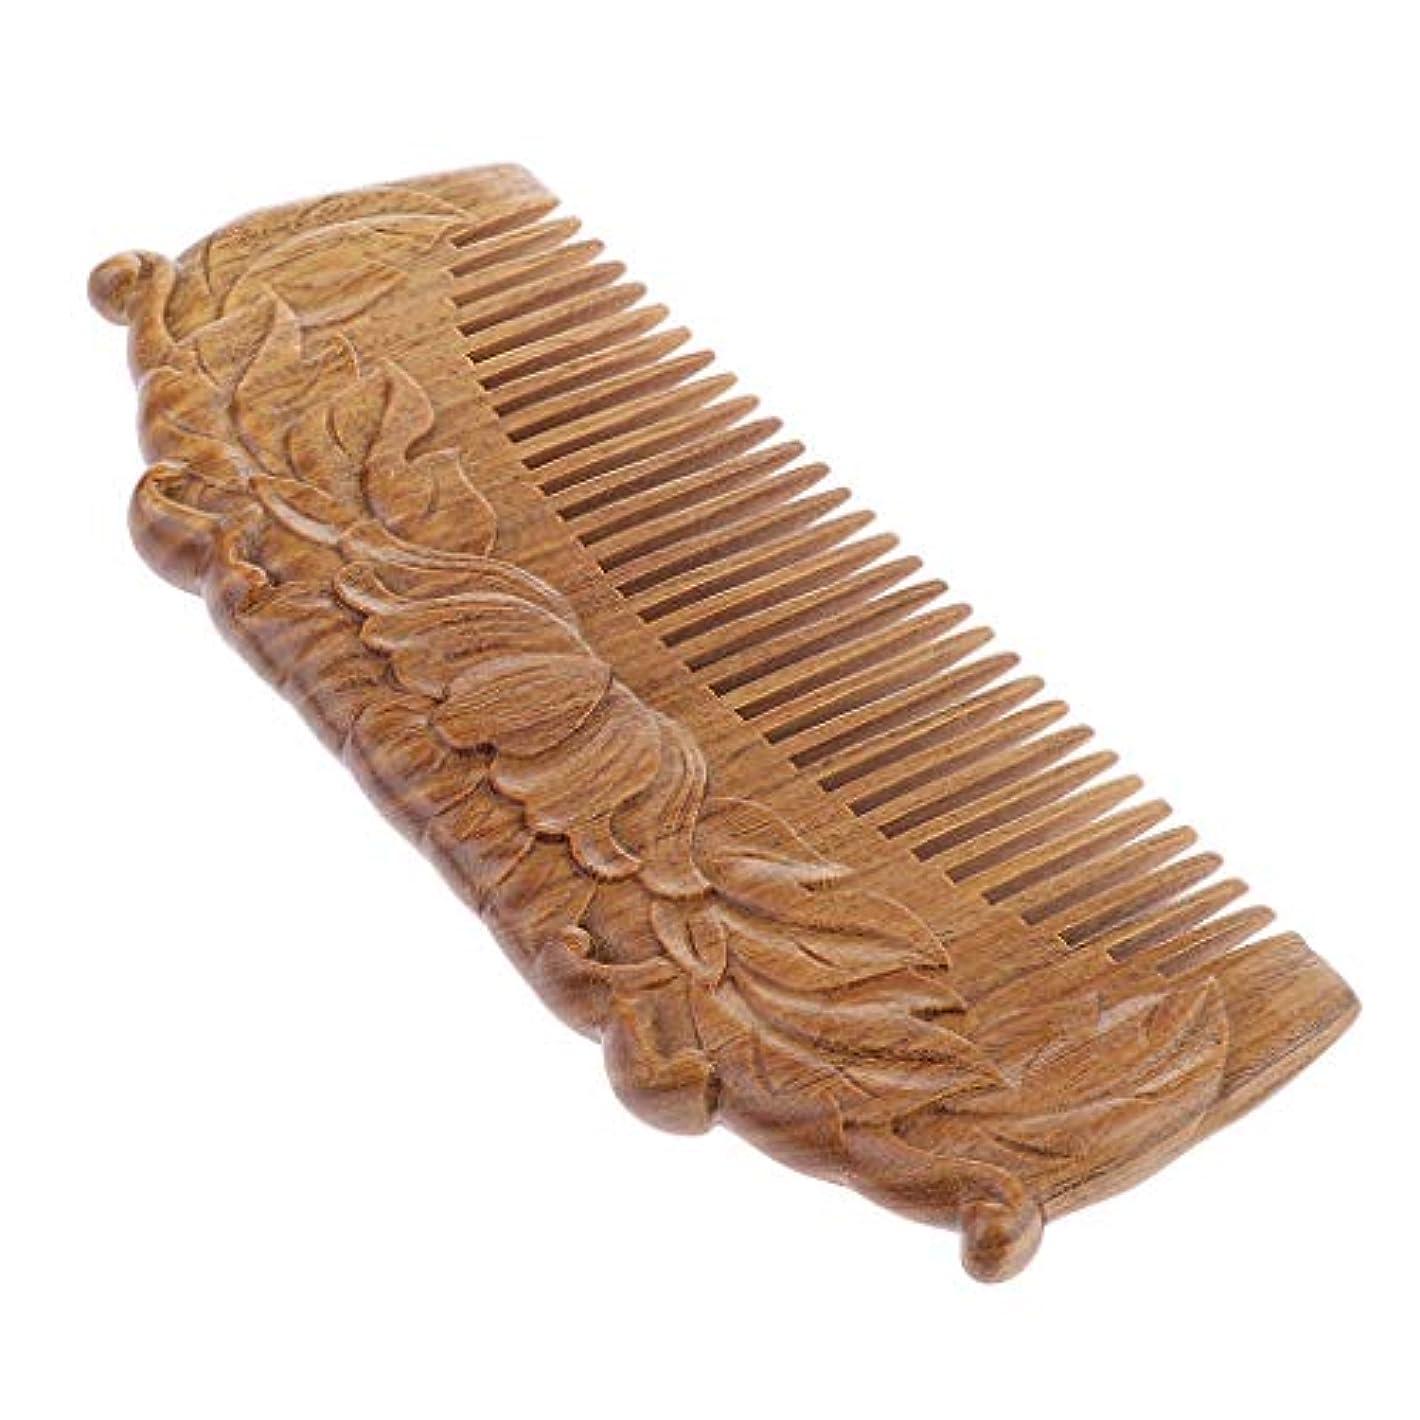 一掃する市民形式サンダルウッド木製くし細かい歯ヘアケアくしツール静的ポケットサイズなし